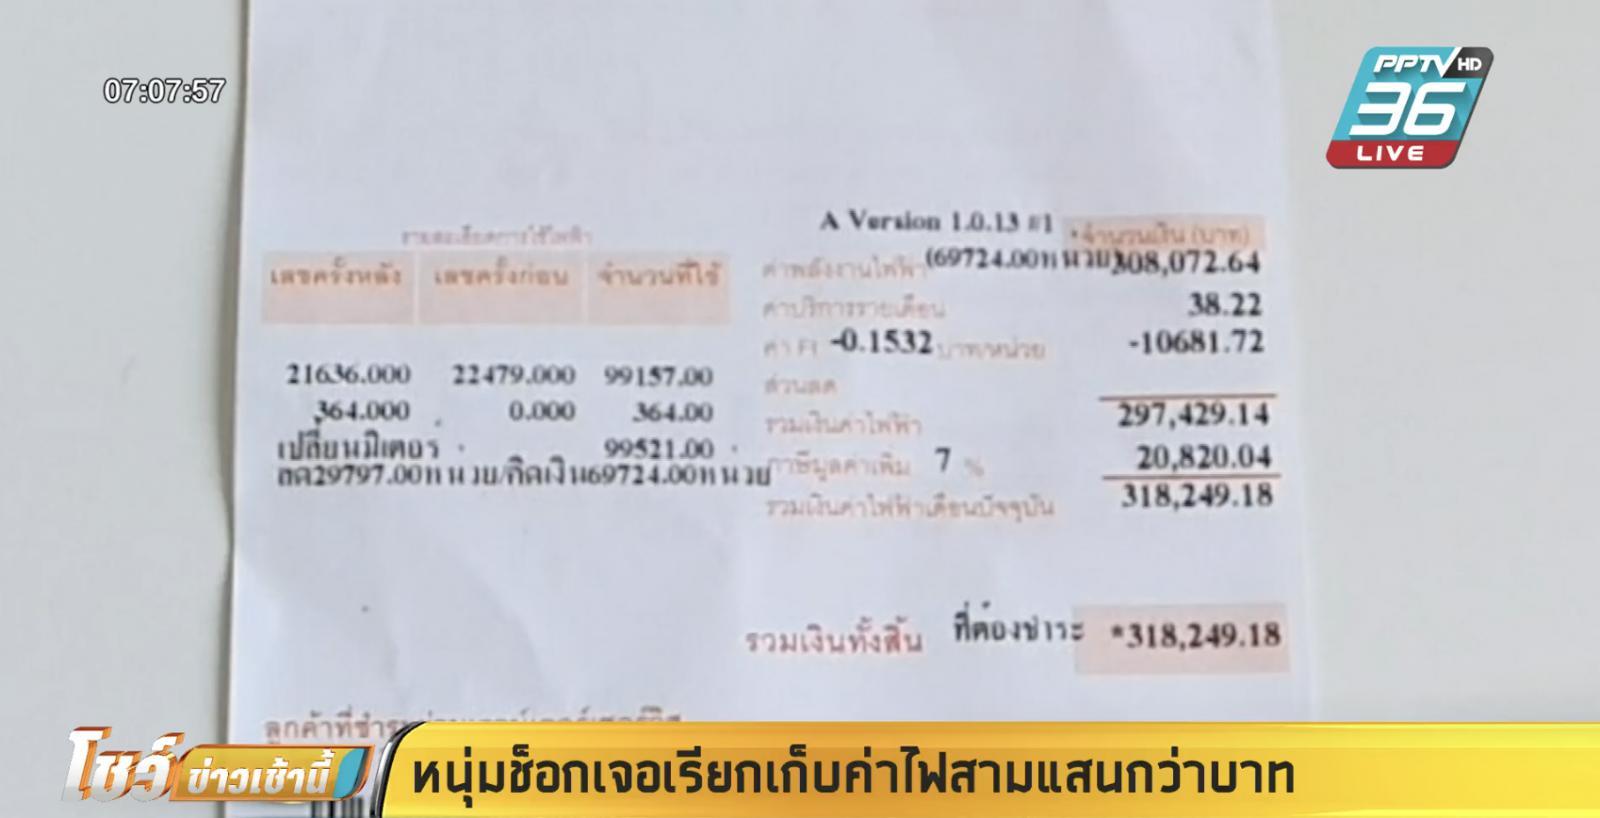 หนุ่มช็อกเจอเรียกเก็บค่าไฟเก็บกว่า 300,000 บาท